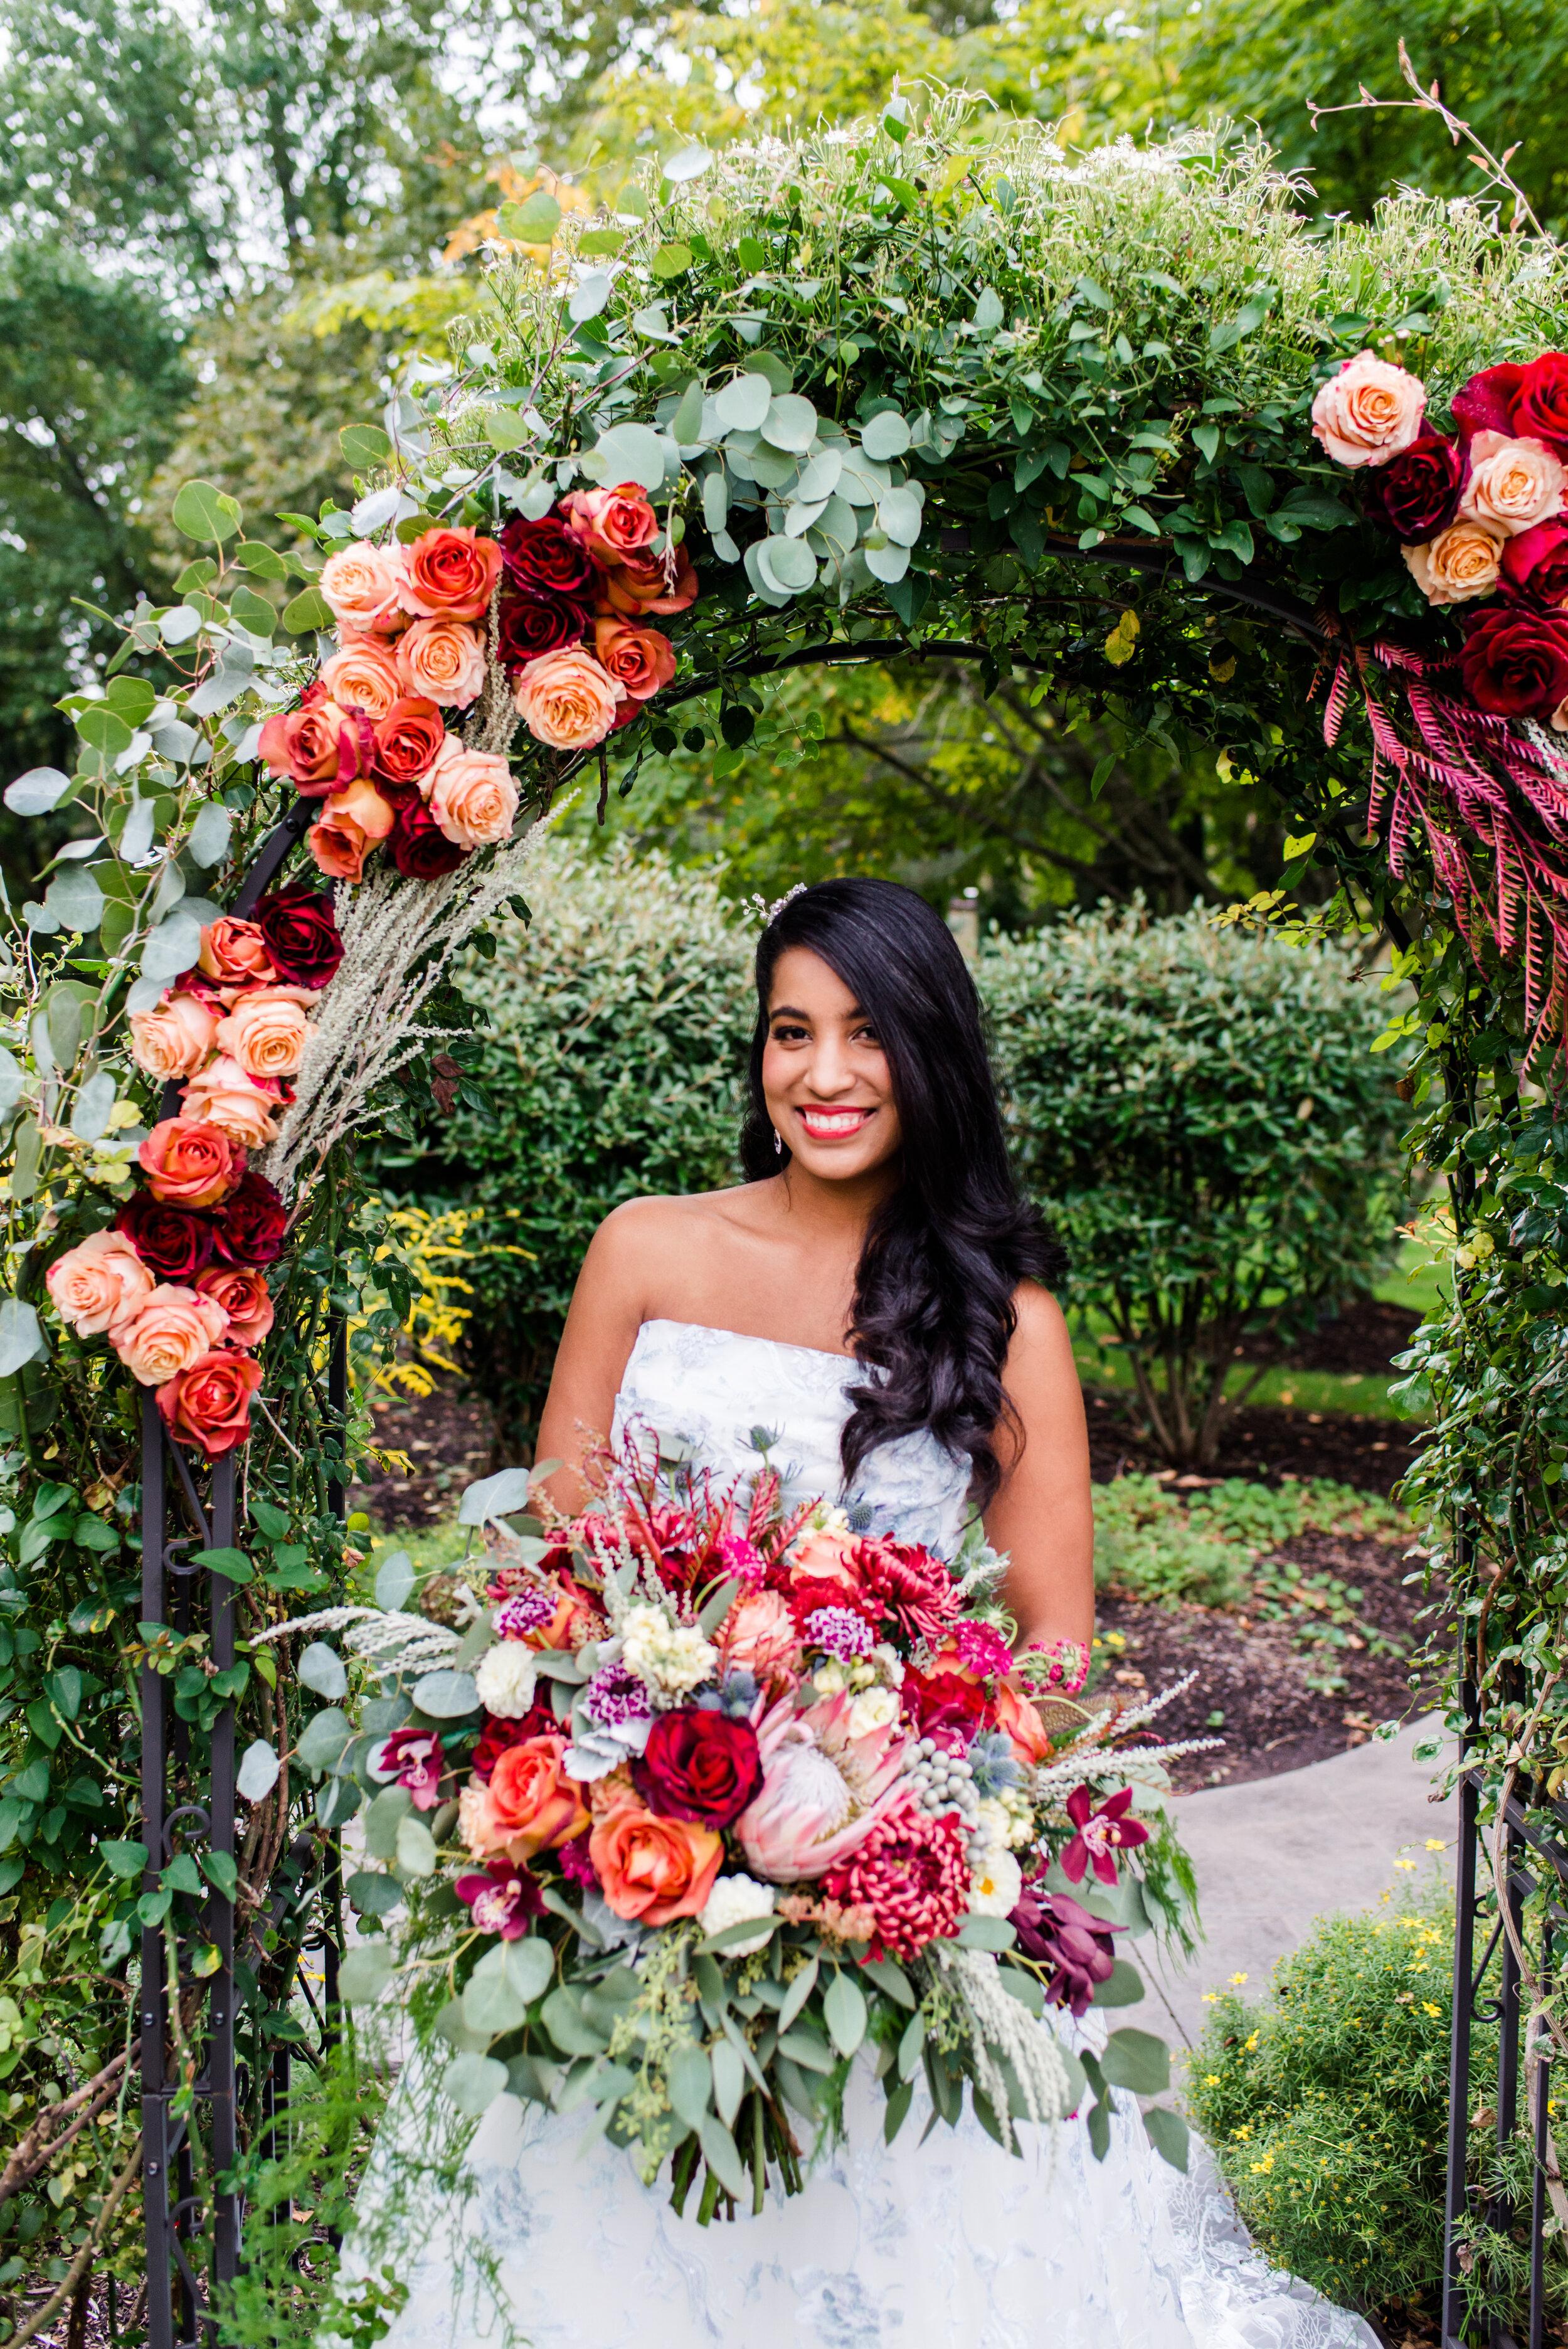 2018 Fall Wedding Inspo | View Original Post